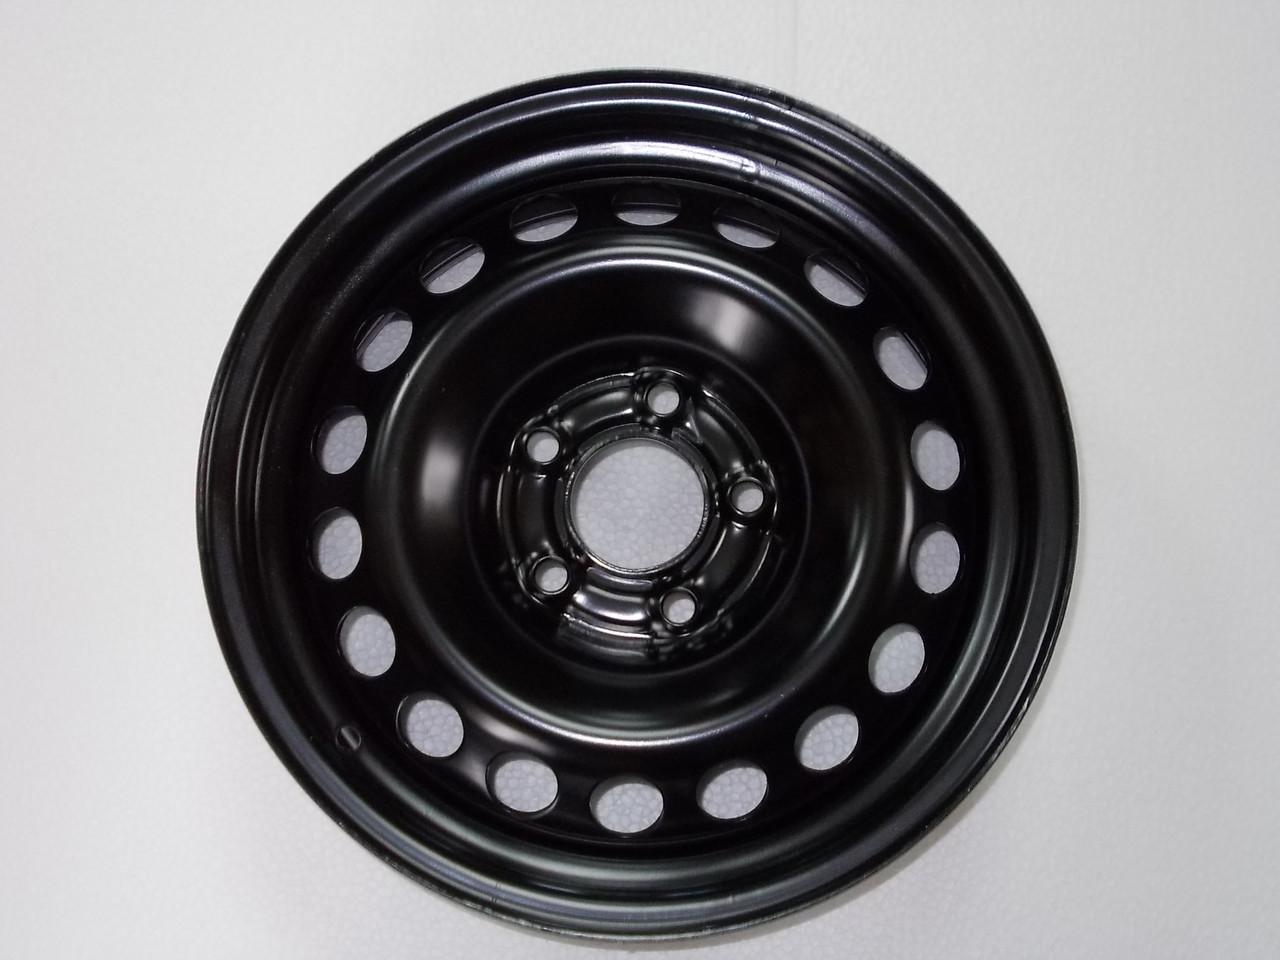 Стальные диски R15 5x112; ET31; DIA66,6 на Mercedes A-Class, диски на Nissan Qashqai